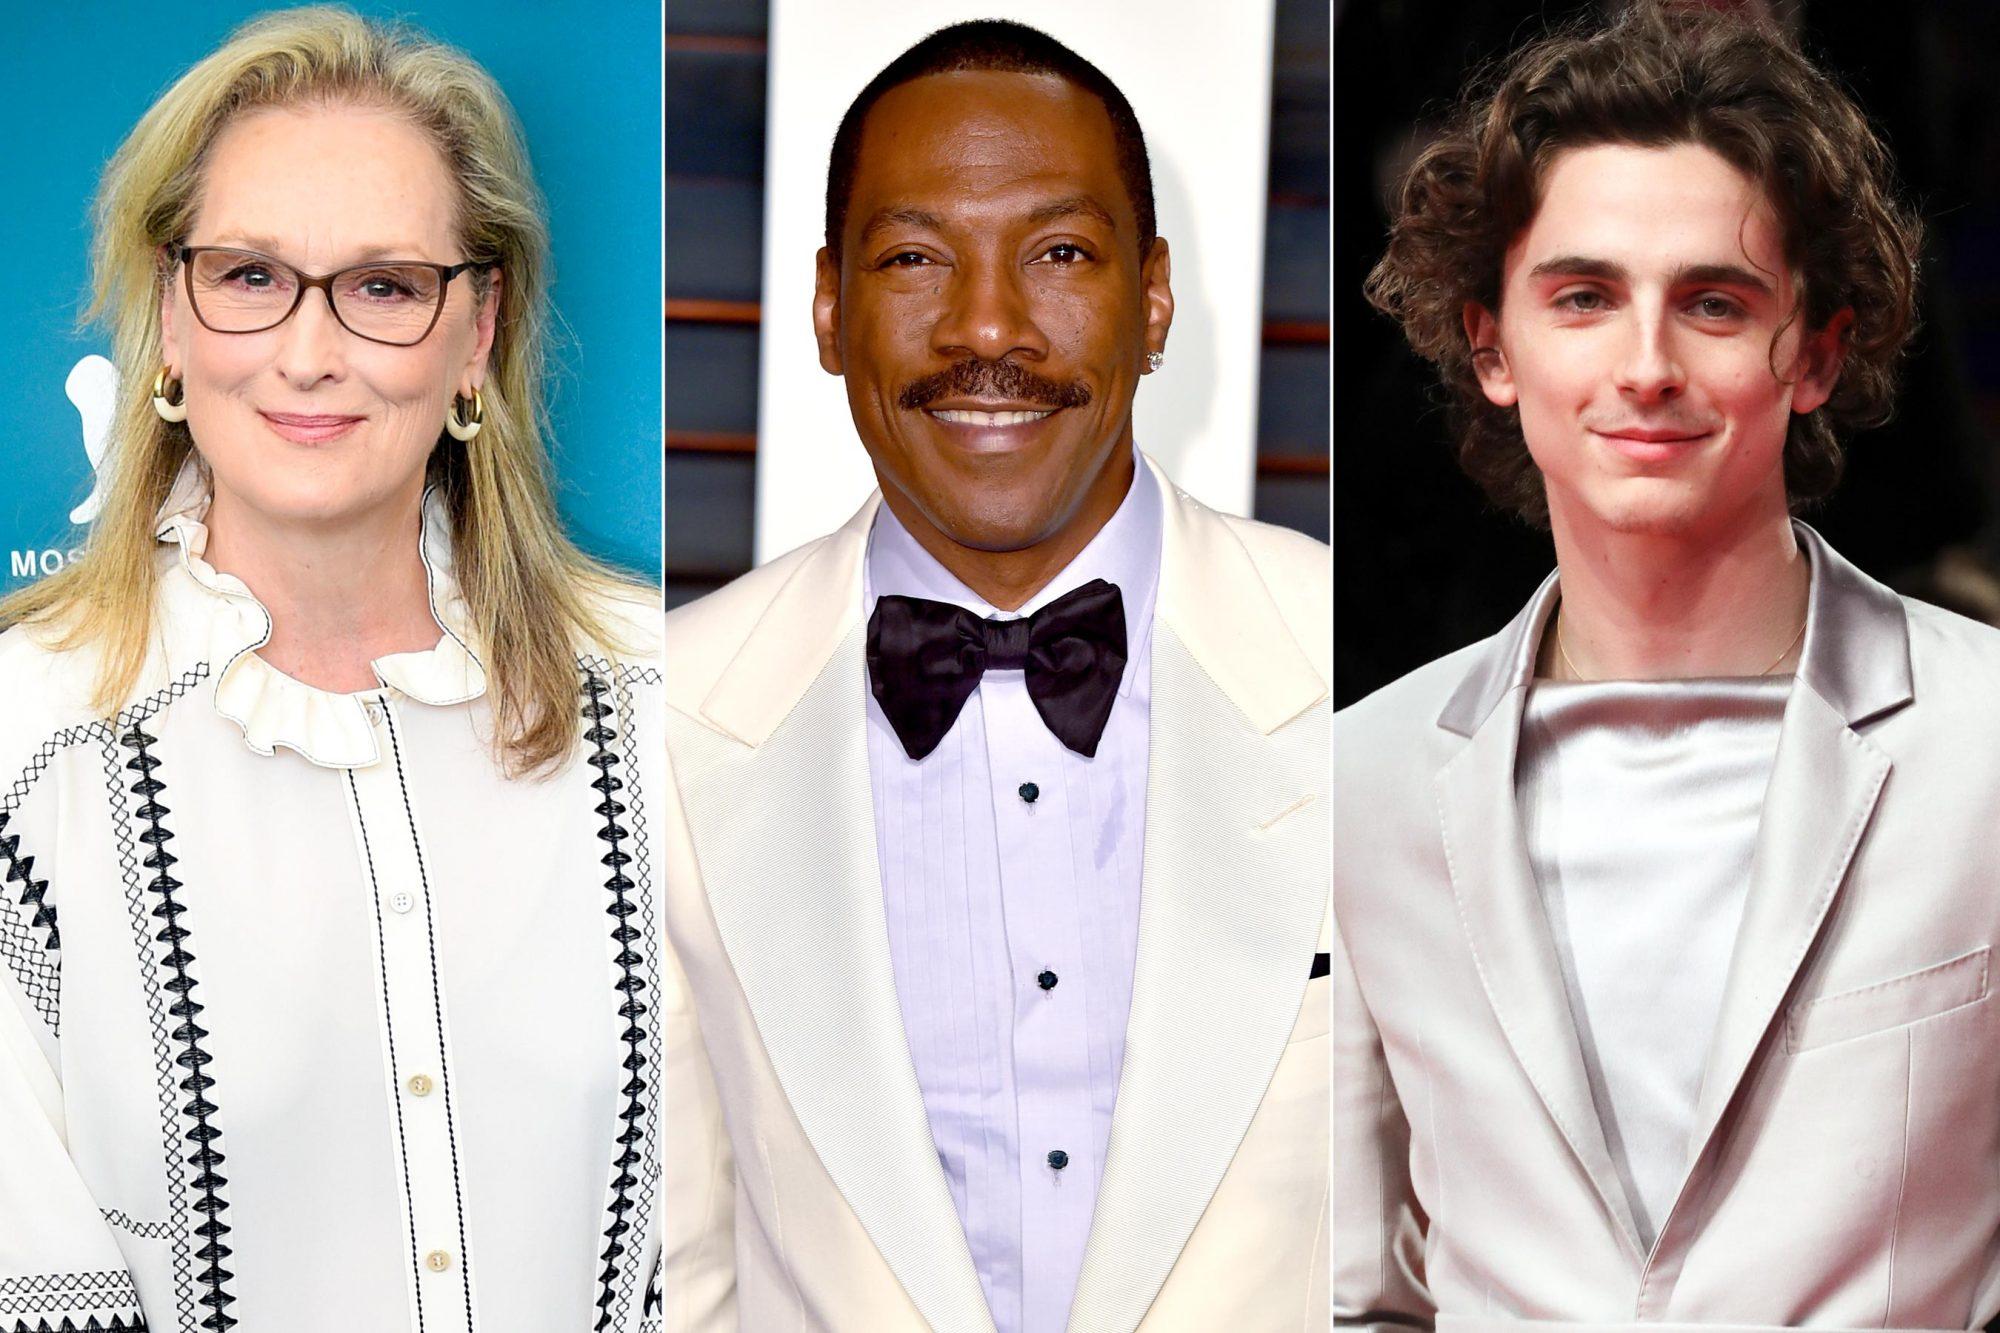 Meryl Streep / Eddie Murphy / Timothee Chalamet